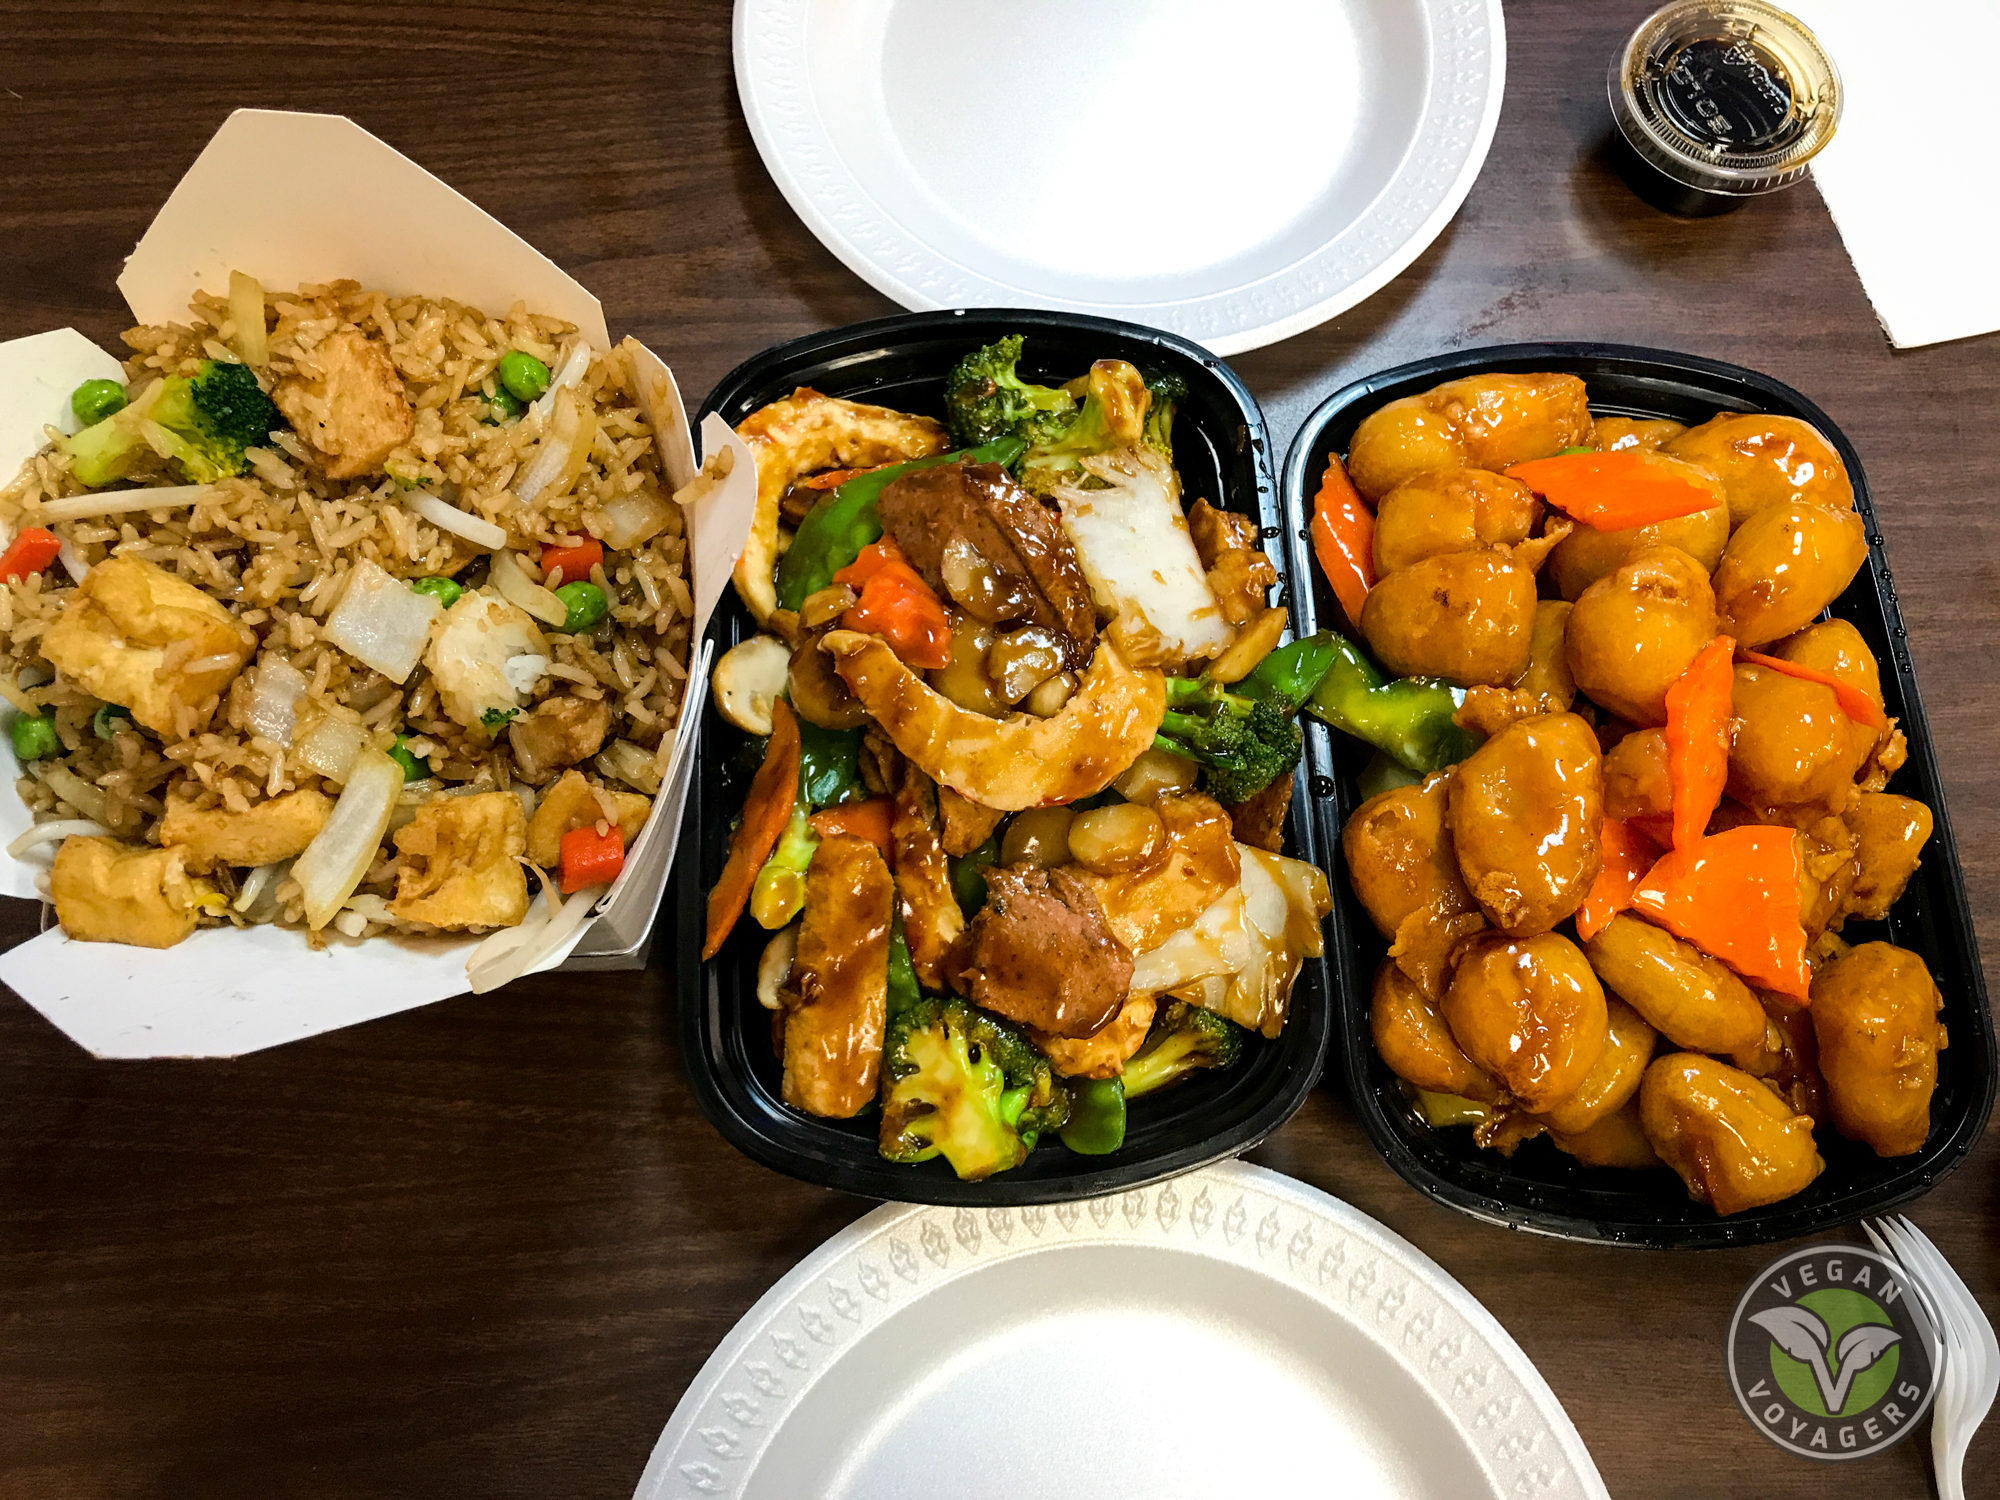 5 Vegan Restaurants To Visit in Massachusetts